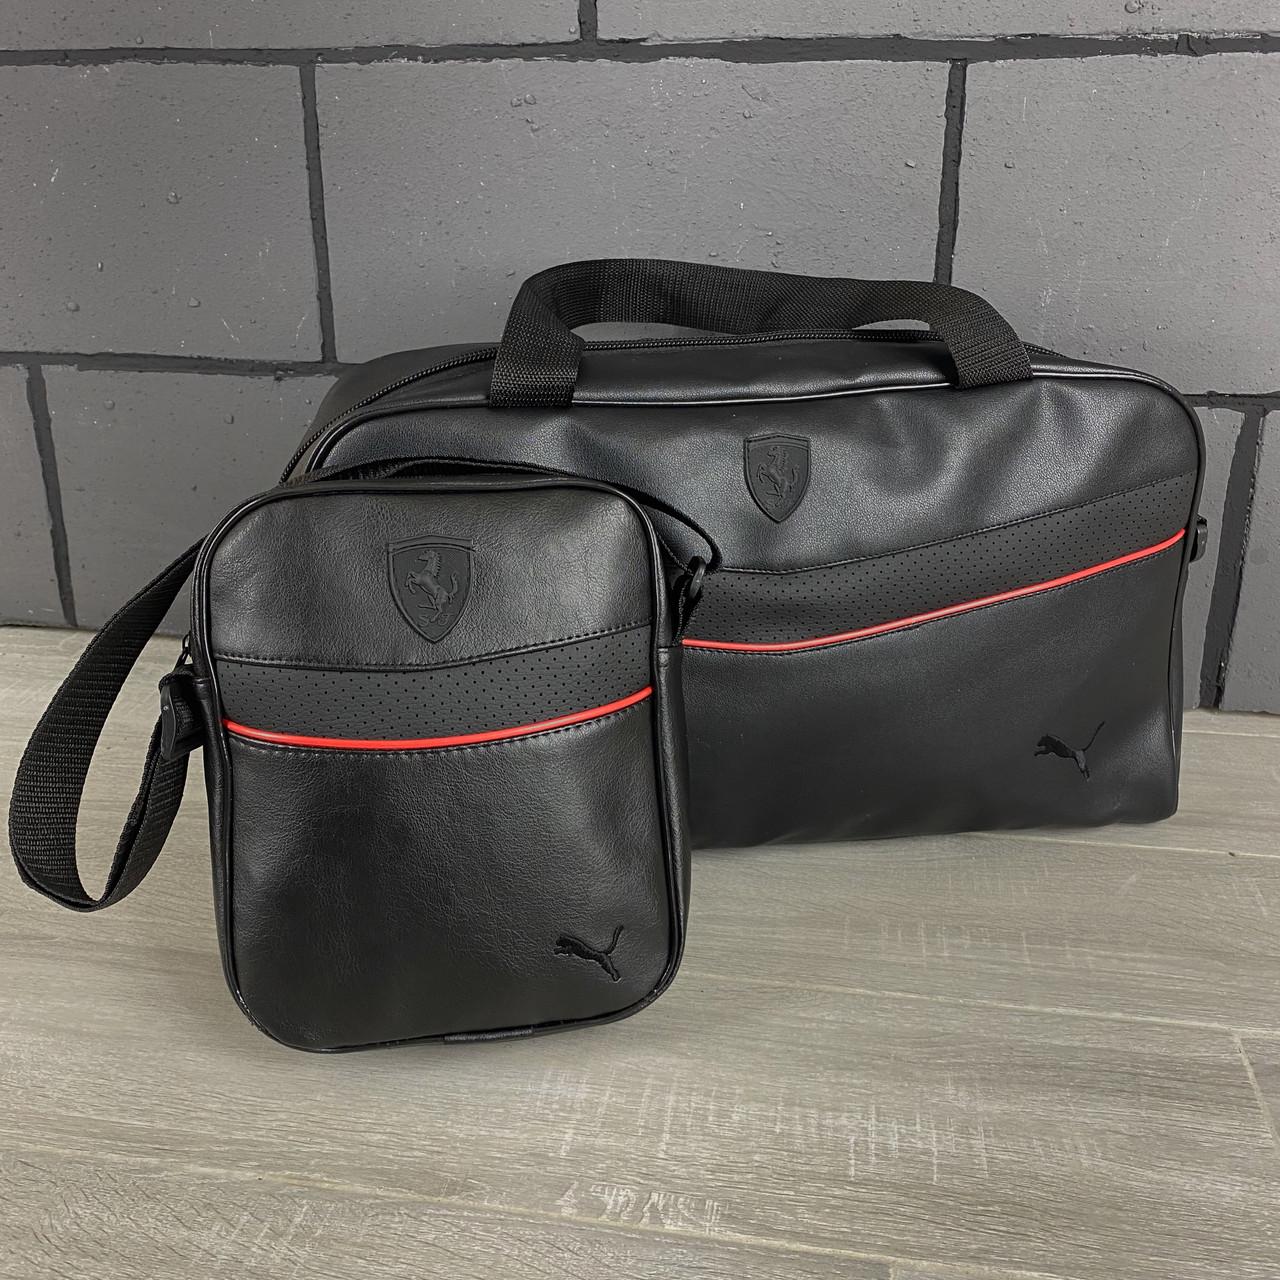 Сумка спортивная кожаная черная (унисекс) Puma + барсетка черная пума комплект Мужской   Женский